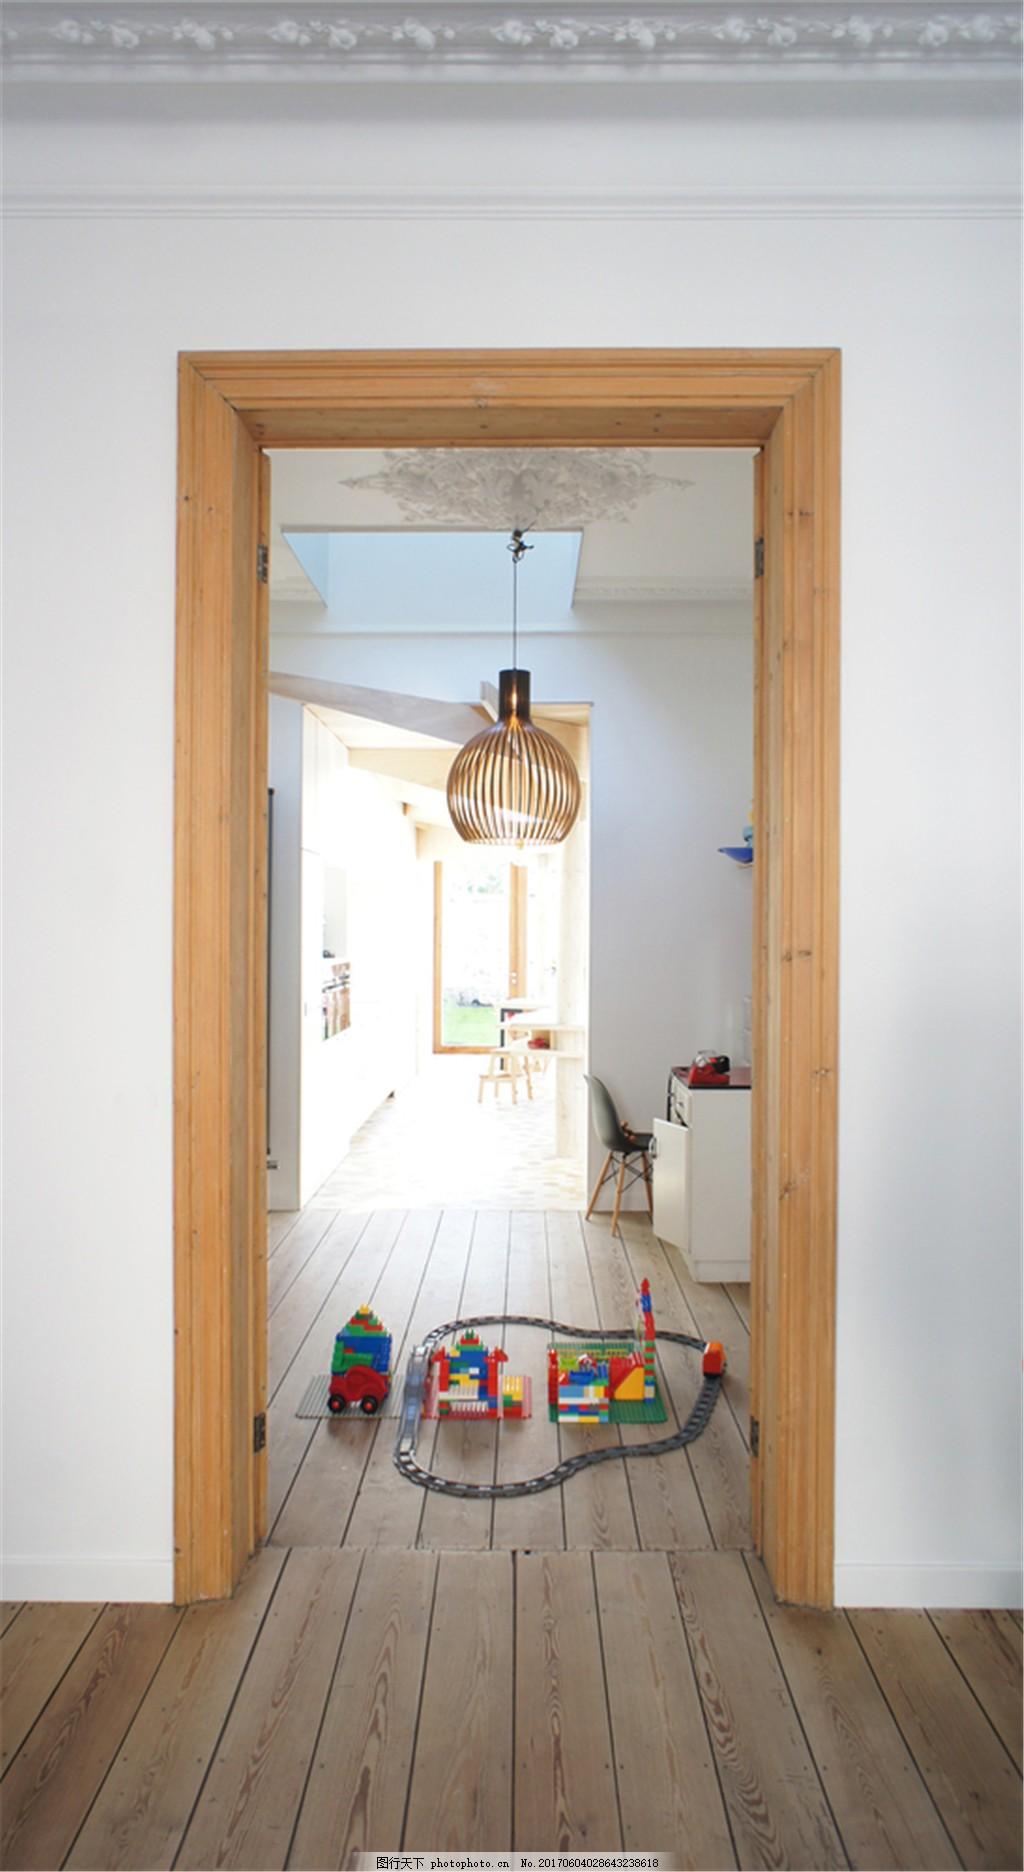 北欧家居简装效果图 欧式装修效果图 时尚 奢华 设计素材 室内装修